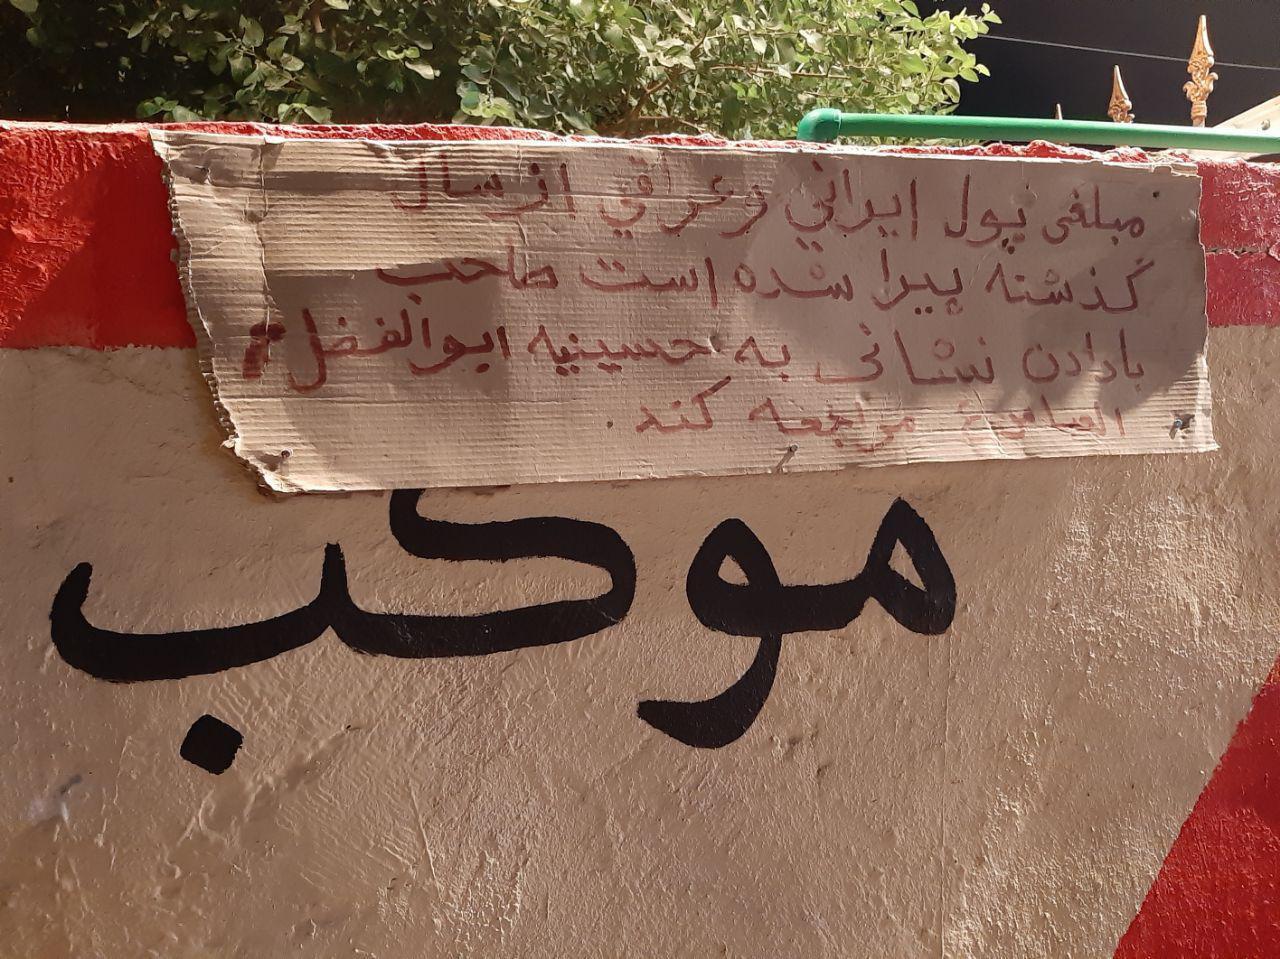 پیدا شدن پول در مسیر اربعین حسینی + عکس